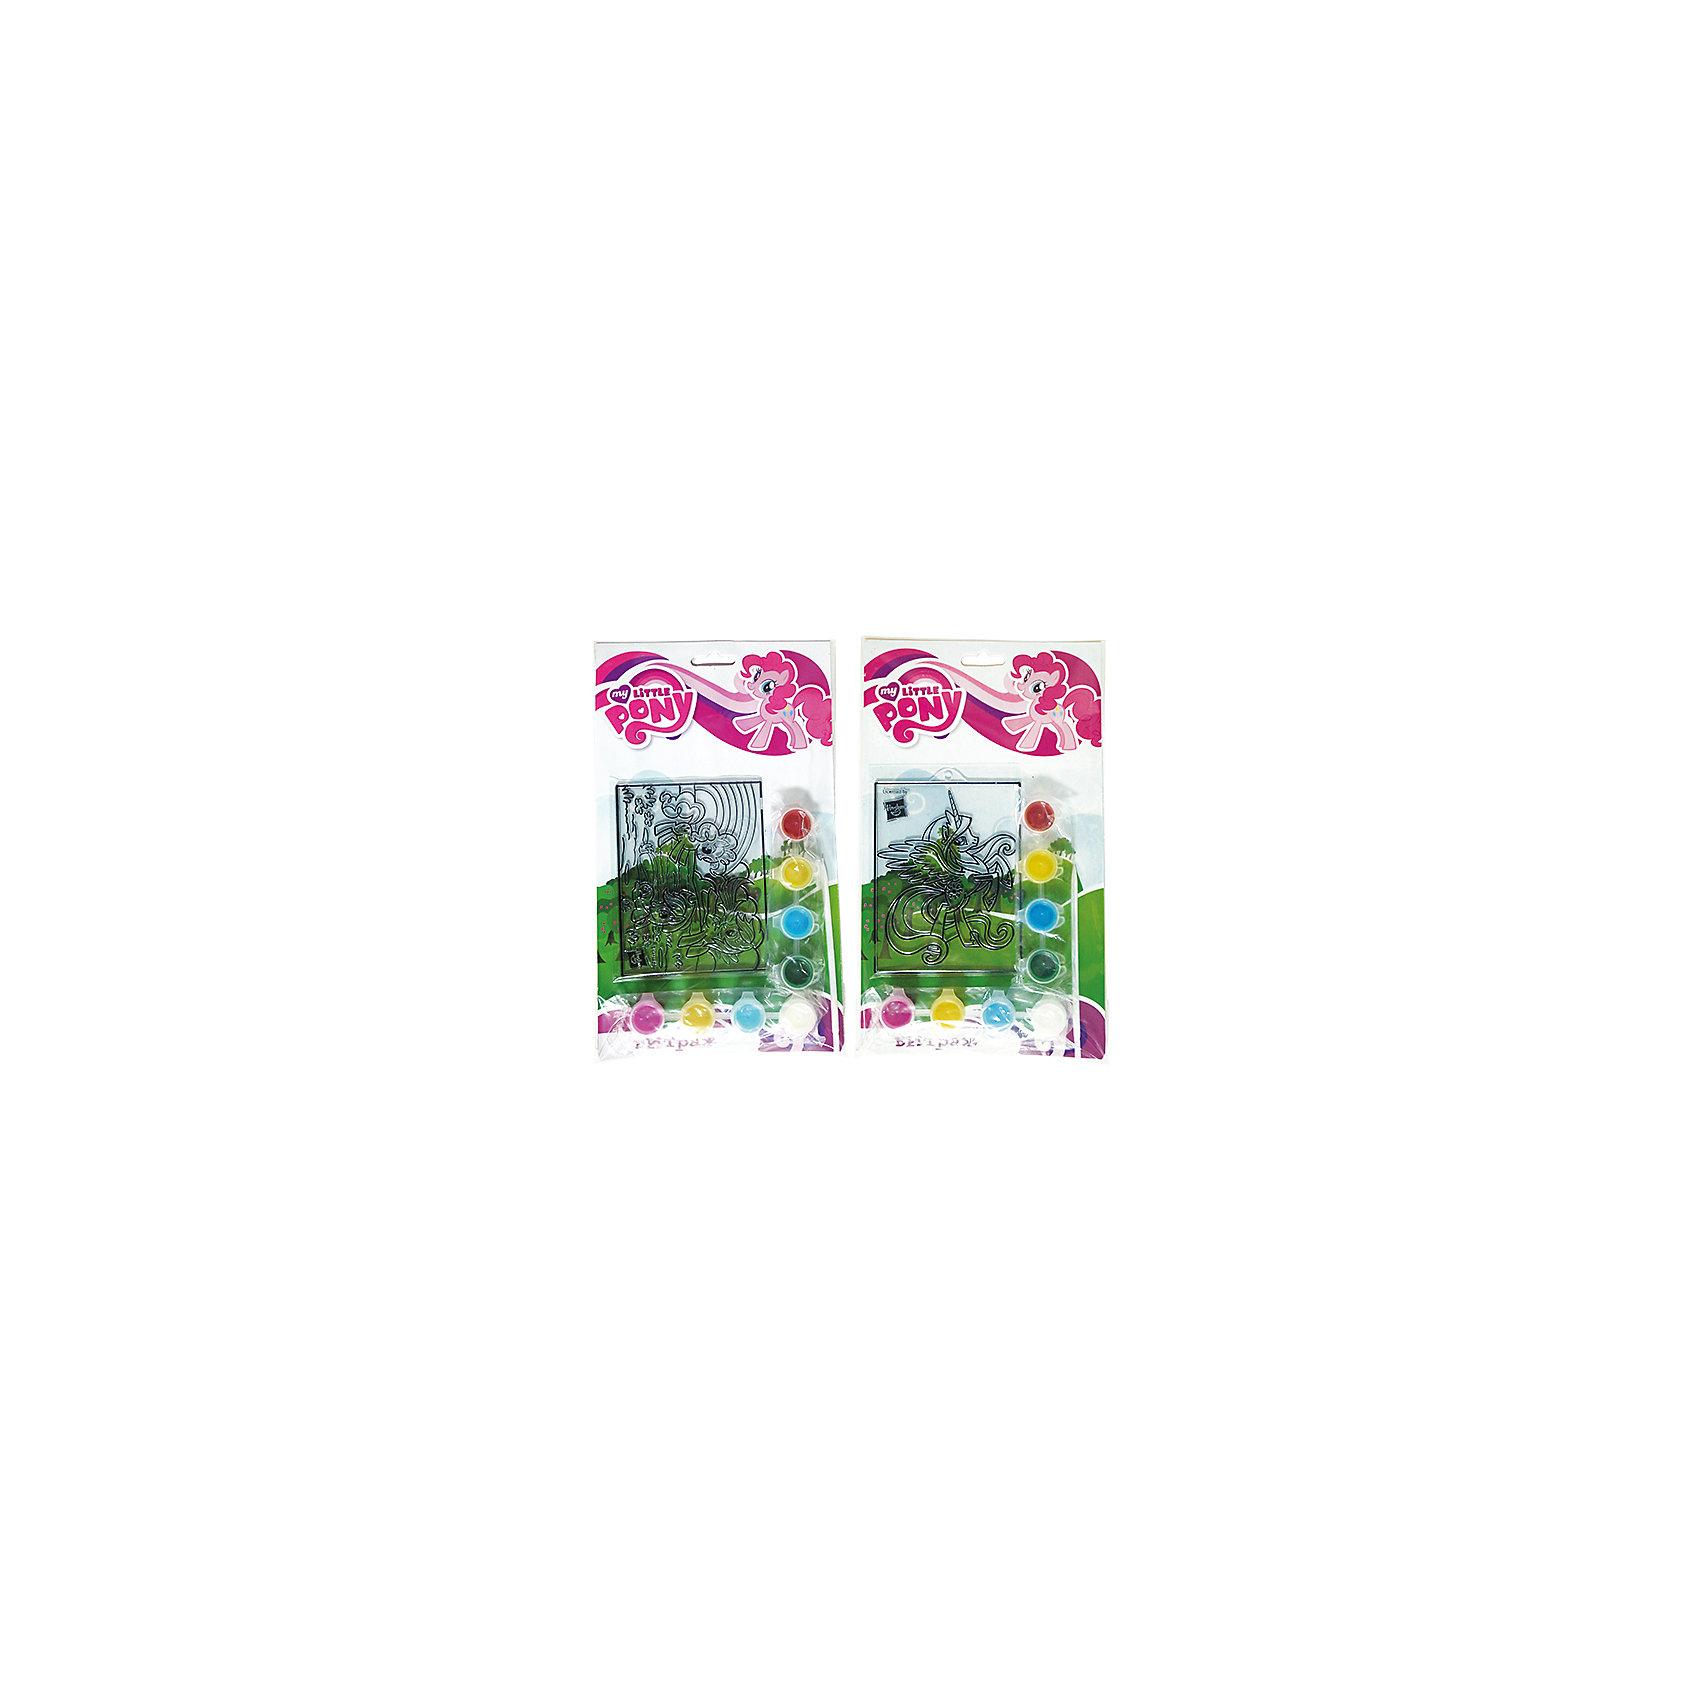 Витраж с красками и кистью, My Little Pony, в ассортиментеВитражи<br>С витражным набором My Little Pony ребенок сможет создать яркую картинку с любимым персонажем. Краски легко наносятся на основу с помощью кисточки, входящей в комплект. В этом наборе есть все для развития воображения и хорошего настроения девочки!<br>Дополнительная информация:<br>-в наборе: основа, 8 баночек с краской, кисточка<br>Сказочный персонаж: My Little Pony<br>-вес: 90 грамм<br>-размер упаковки: 17х28х2 см<br>Набор My Little Pony вы можете приобрести в нашем интернет-магазине.<br><br>Ширина мм: 20<br>Глубина мм: 280<br>Высота мм: 170<br>Вес г: 90<br>Возраст от месяцев: 36<br>Возраст до месяцев: 84<br>Пол: Женский<br>Возраст: Детский<br>SKU: 4915463